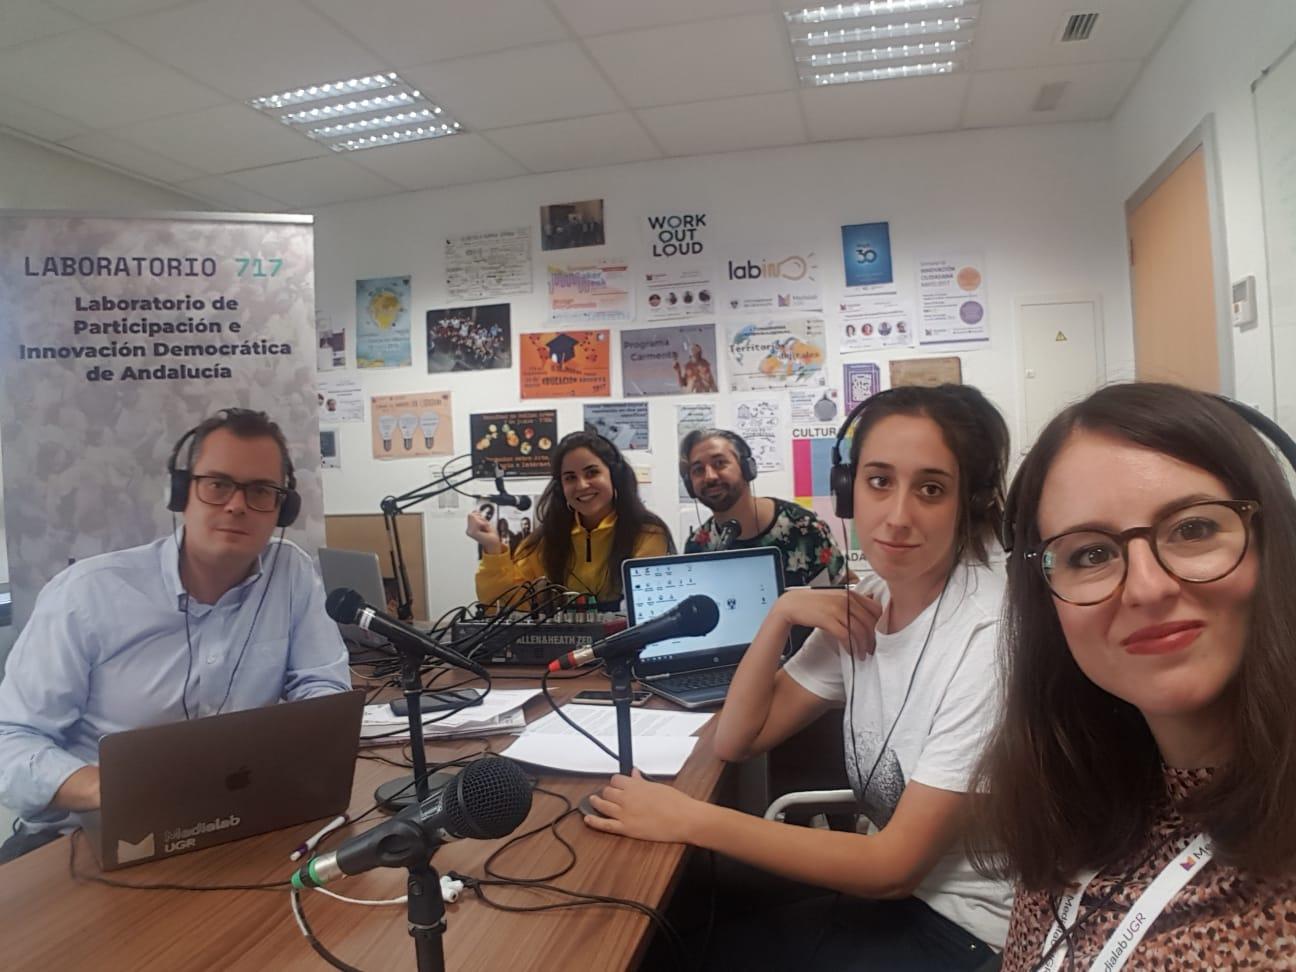 Vuelve Radiolab UGR con el equipo Medialab a bordo